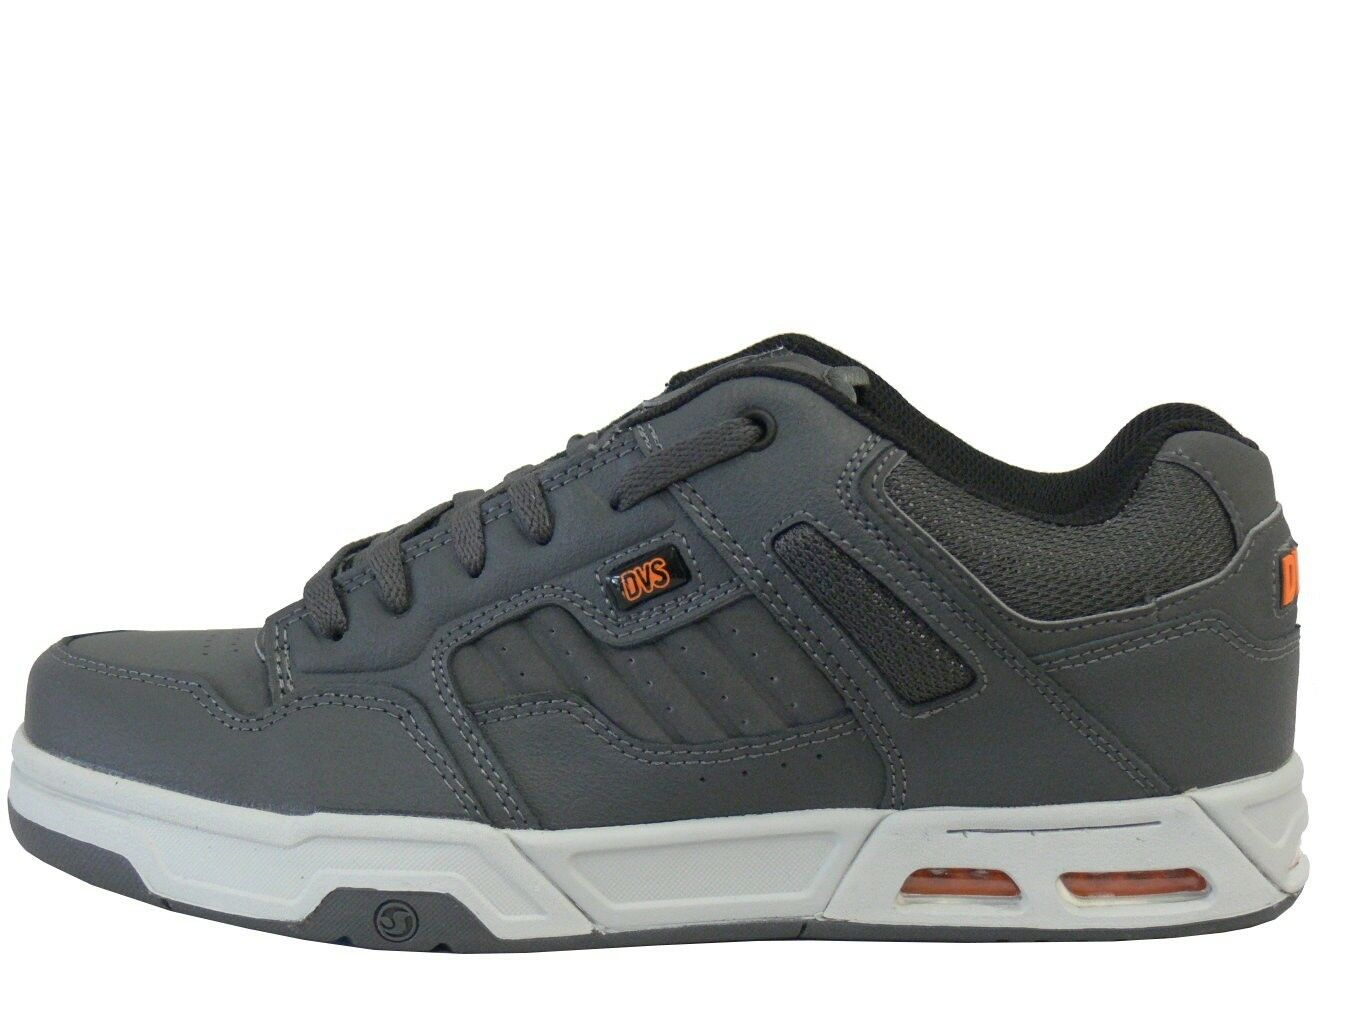 Venta de liquidación de temporada DVS enduro vivir de las ventas Grey Orange artillera skate zapatos talla 42 - 48,5